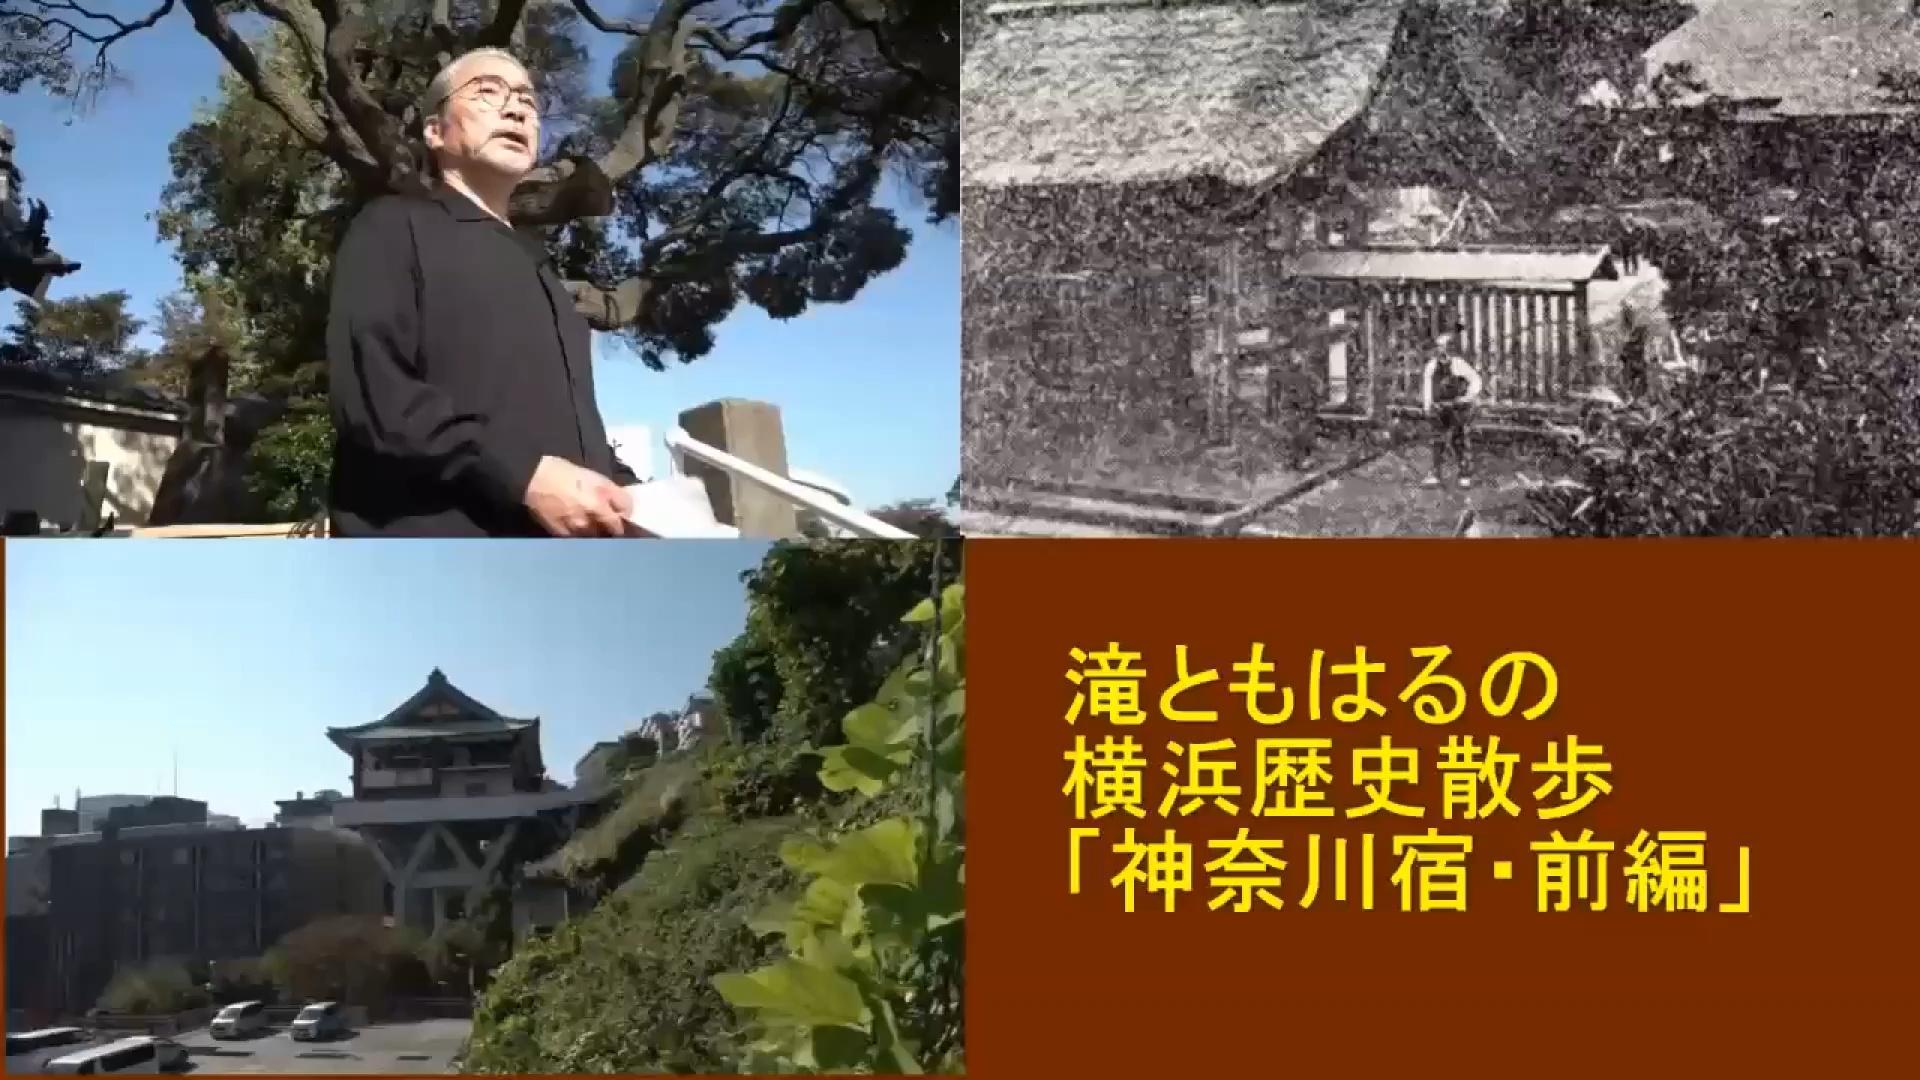 滝ともはるの横浜歴史散歩 ~ 神奈川宿 前編 ~